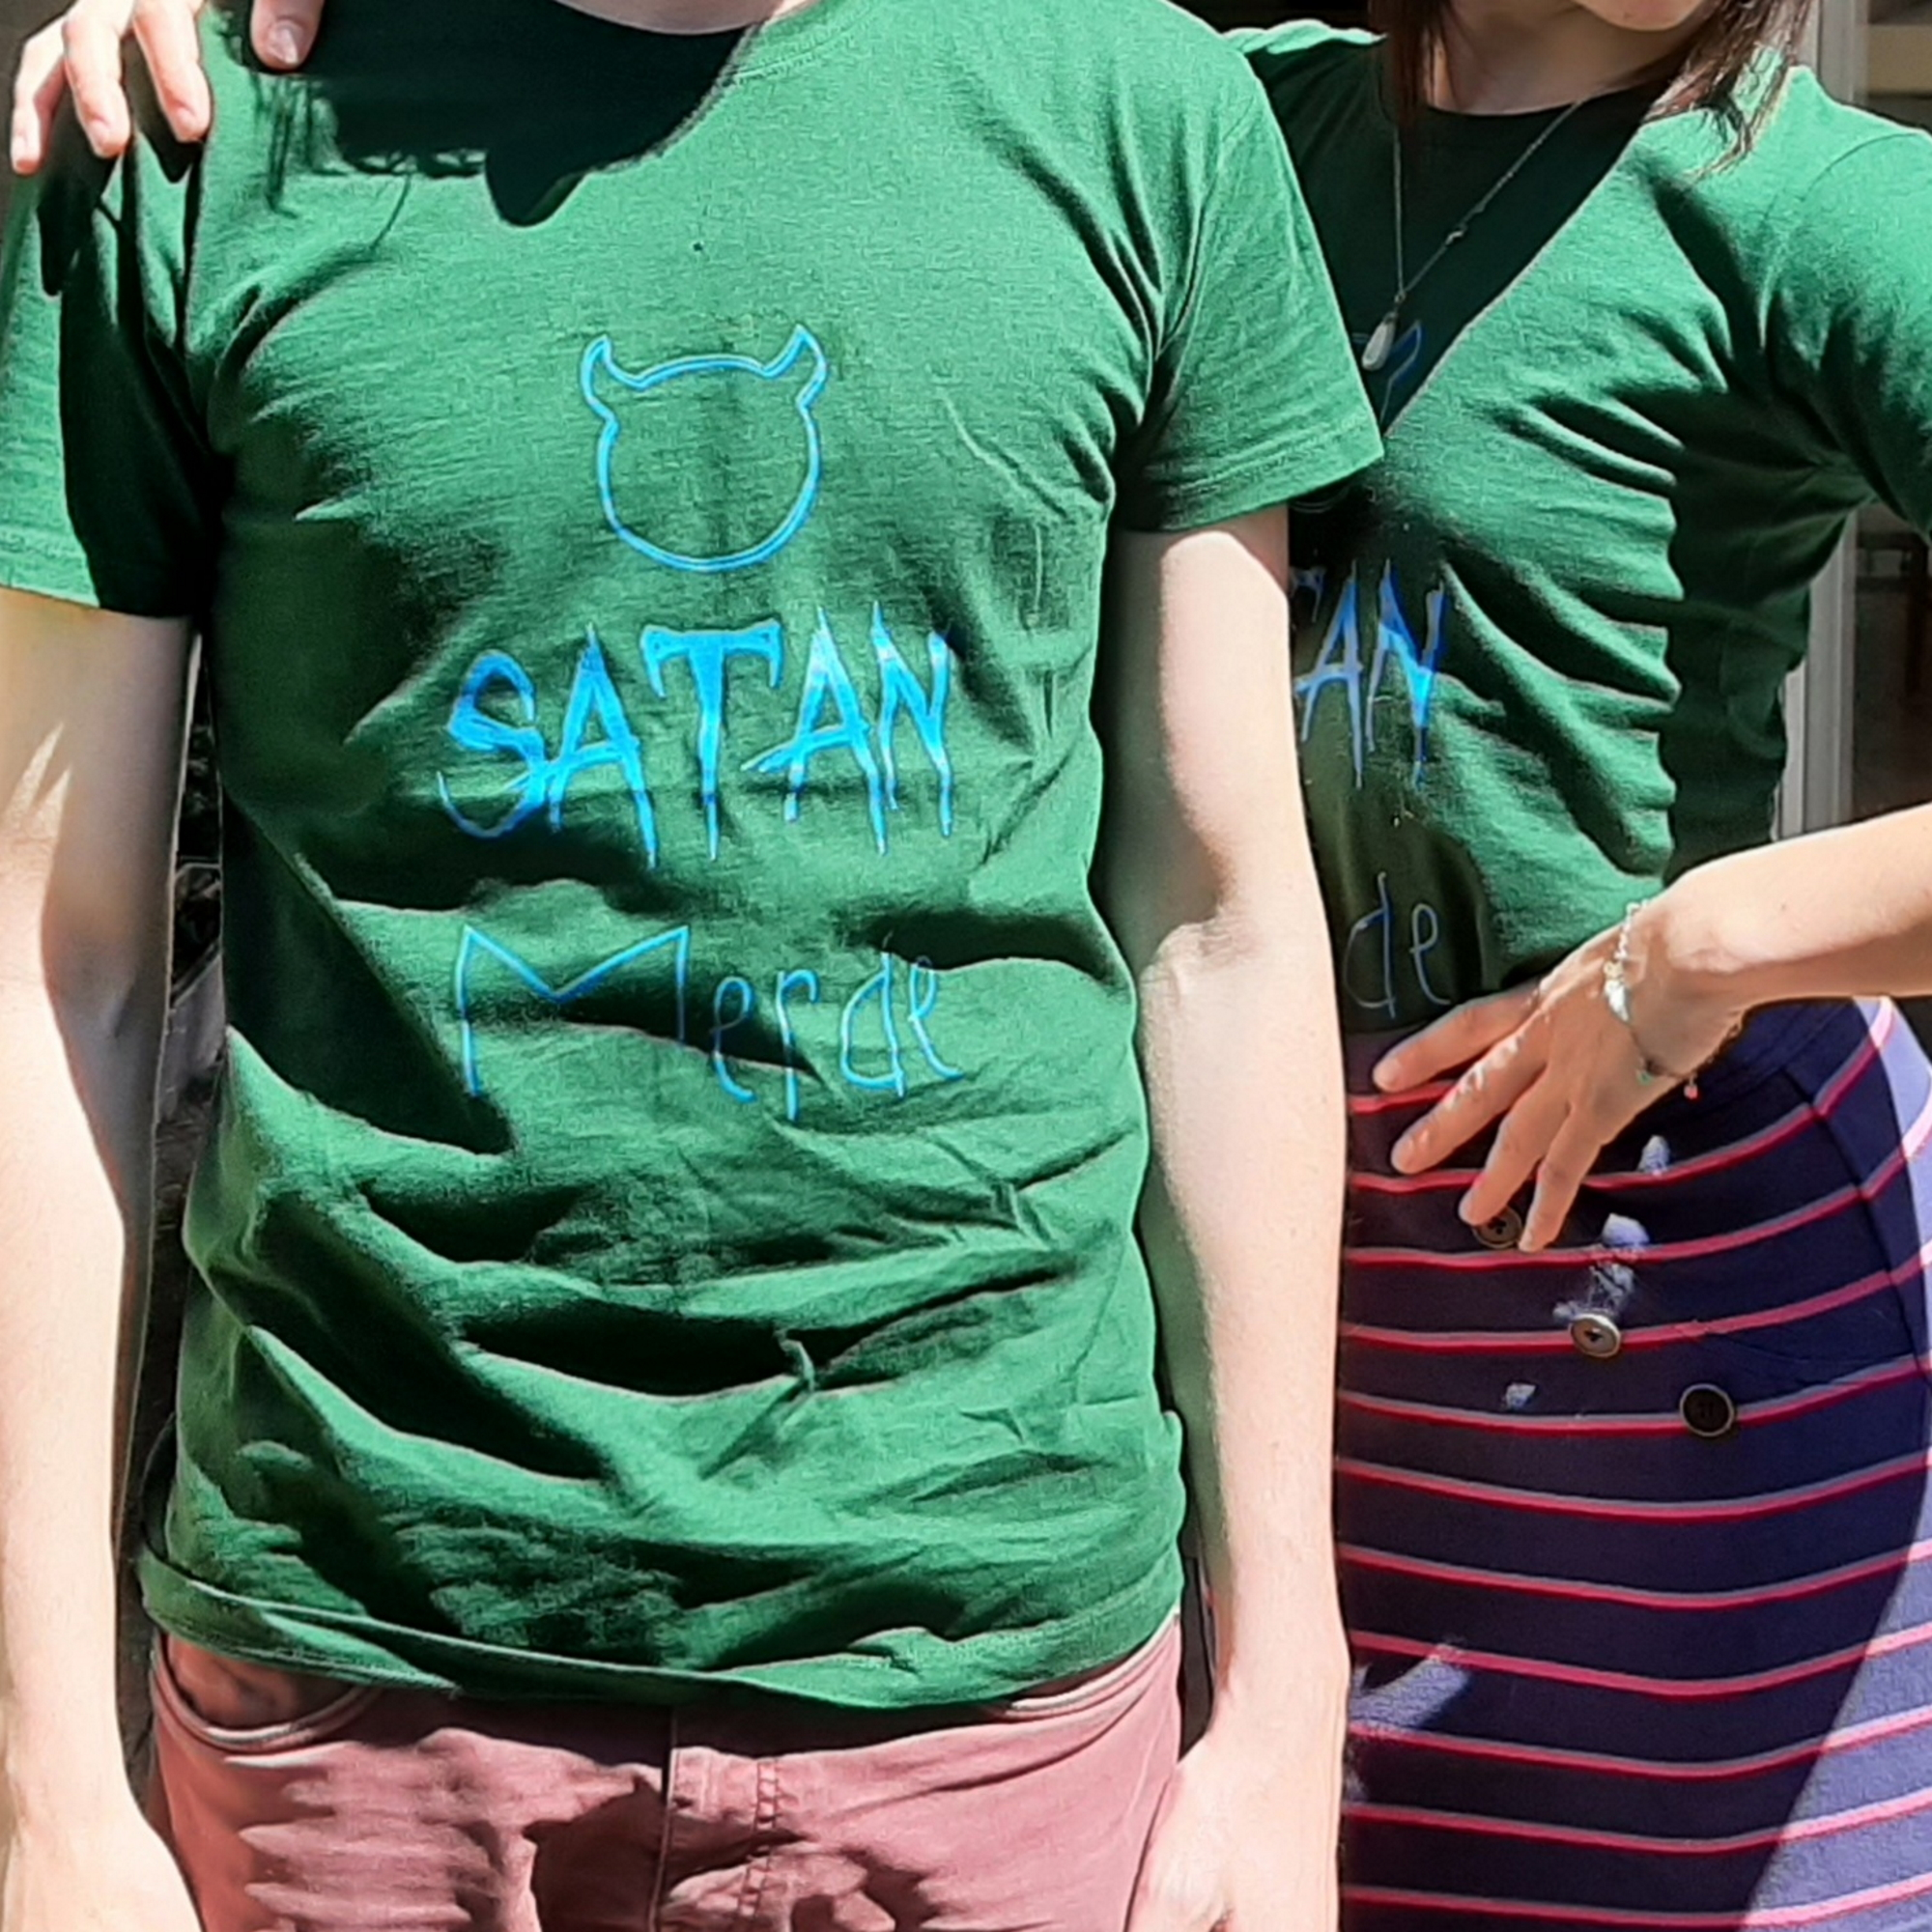 SATAN MERDE Bottle Green T-Shirt